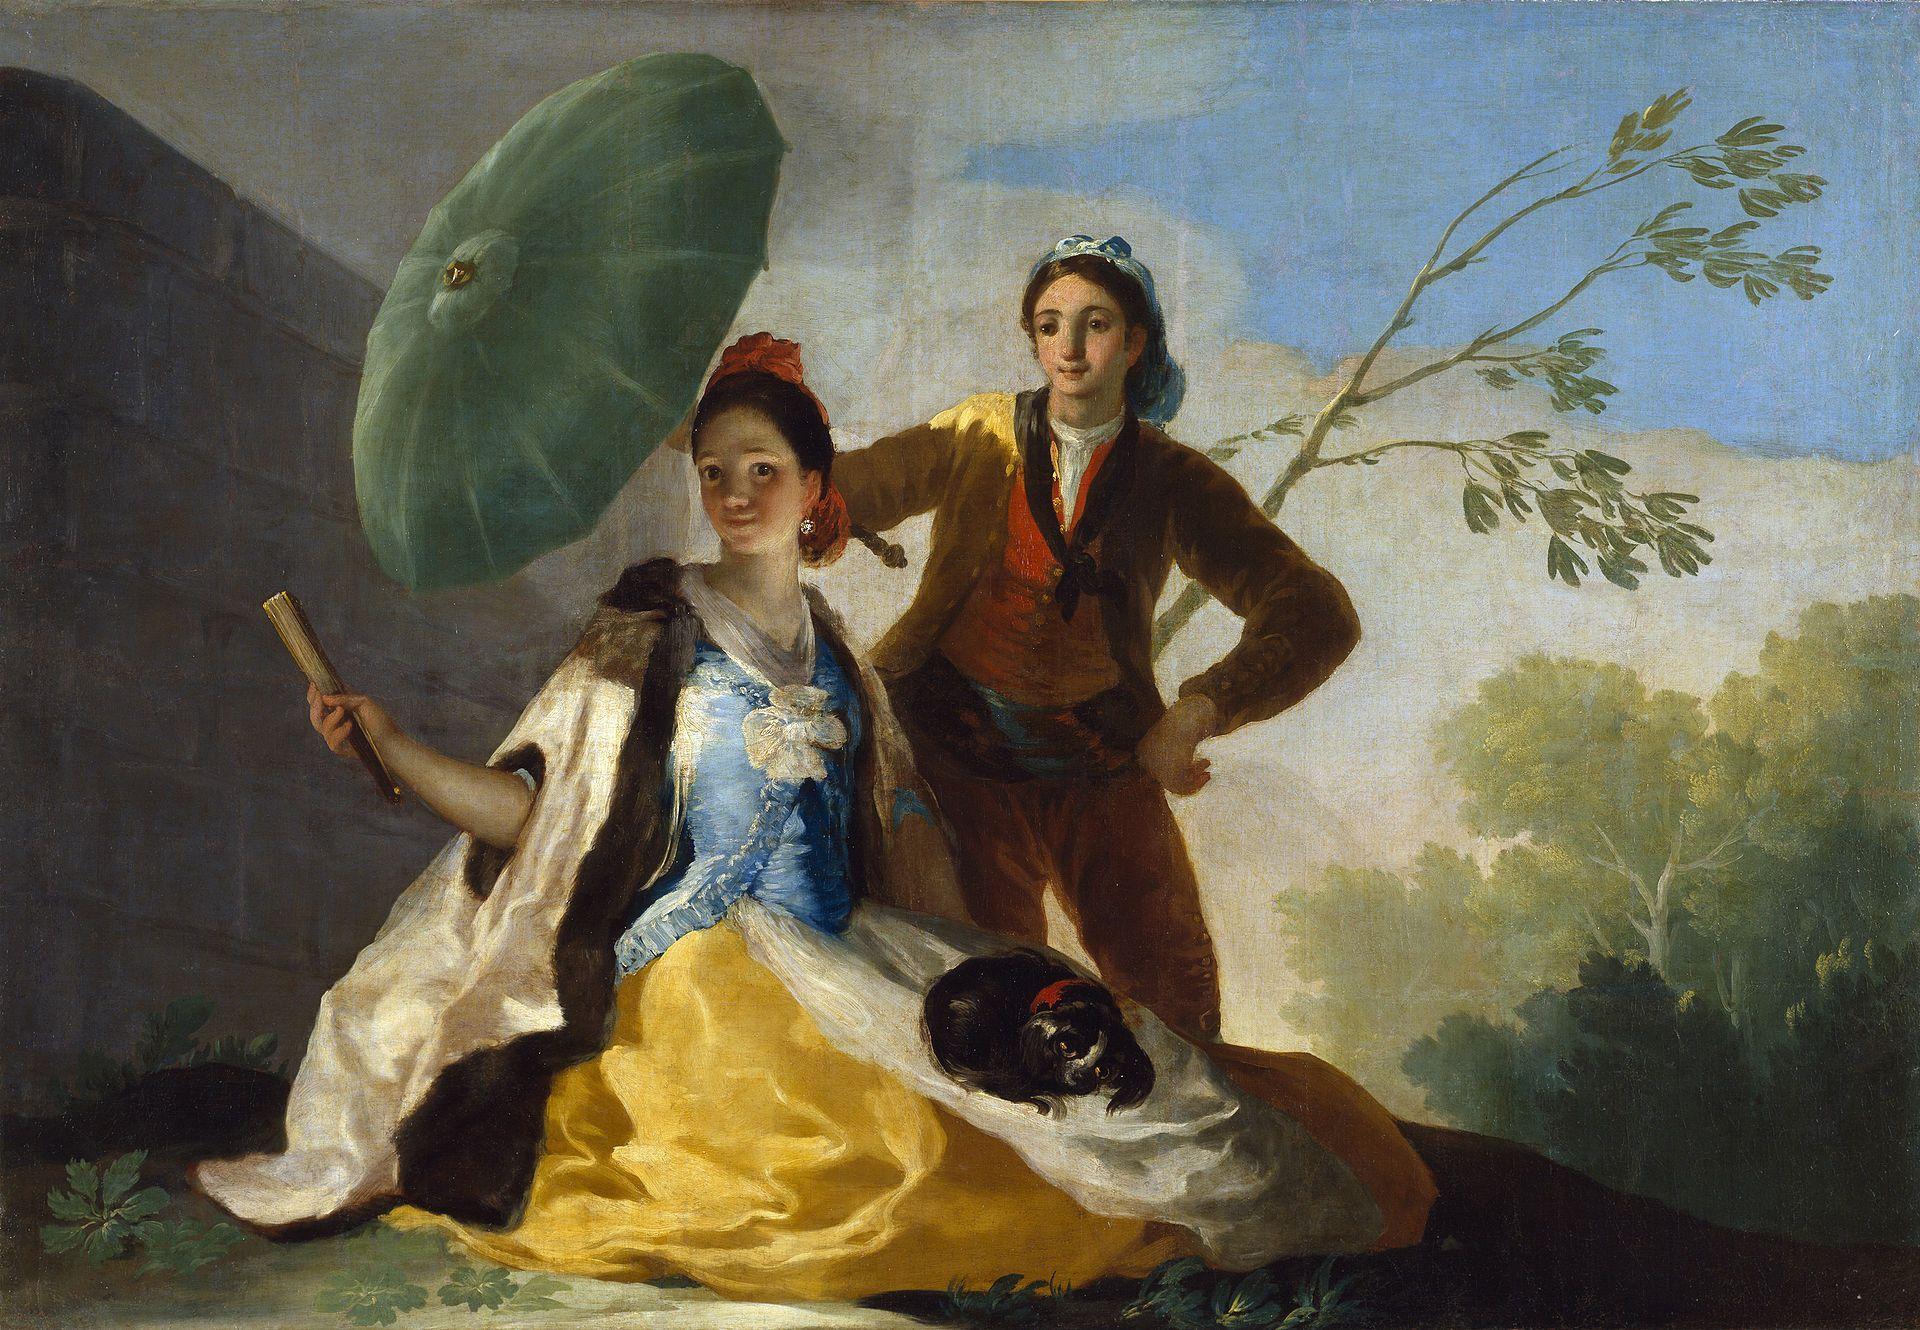 El Quitasol (Goya) - Francisco de Goya - Wikipedia, la enciclopedia libre